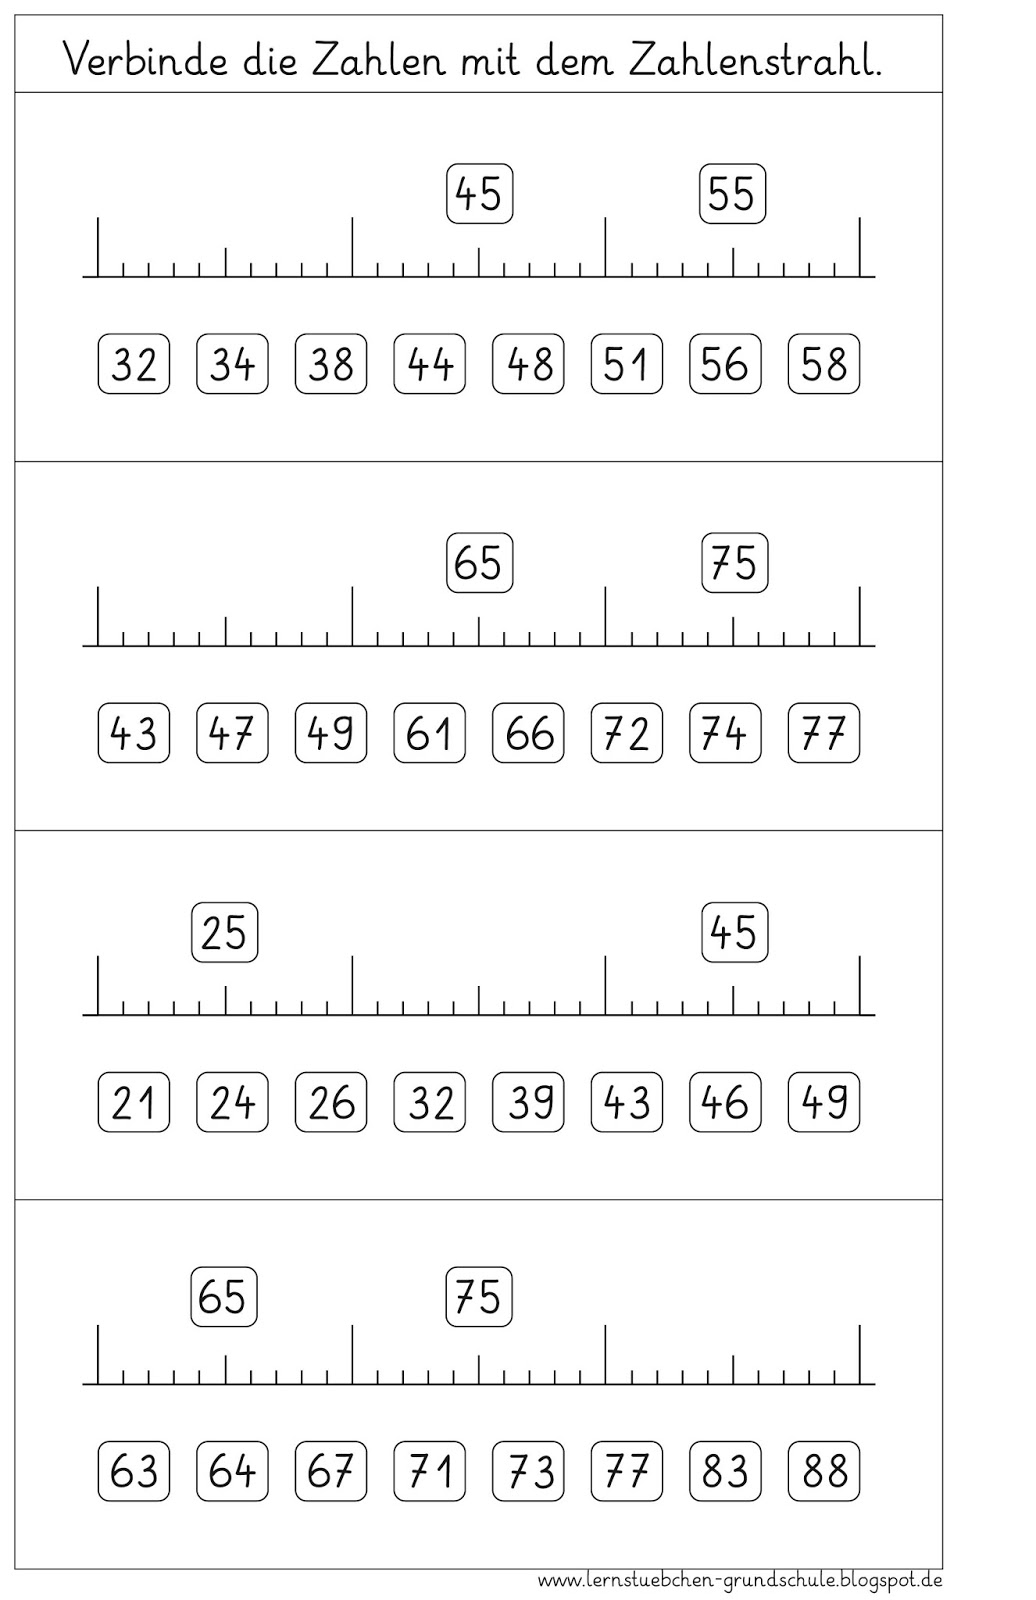 Mathematik arbeitsblatter 2 klasse volksschule